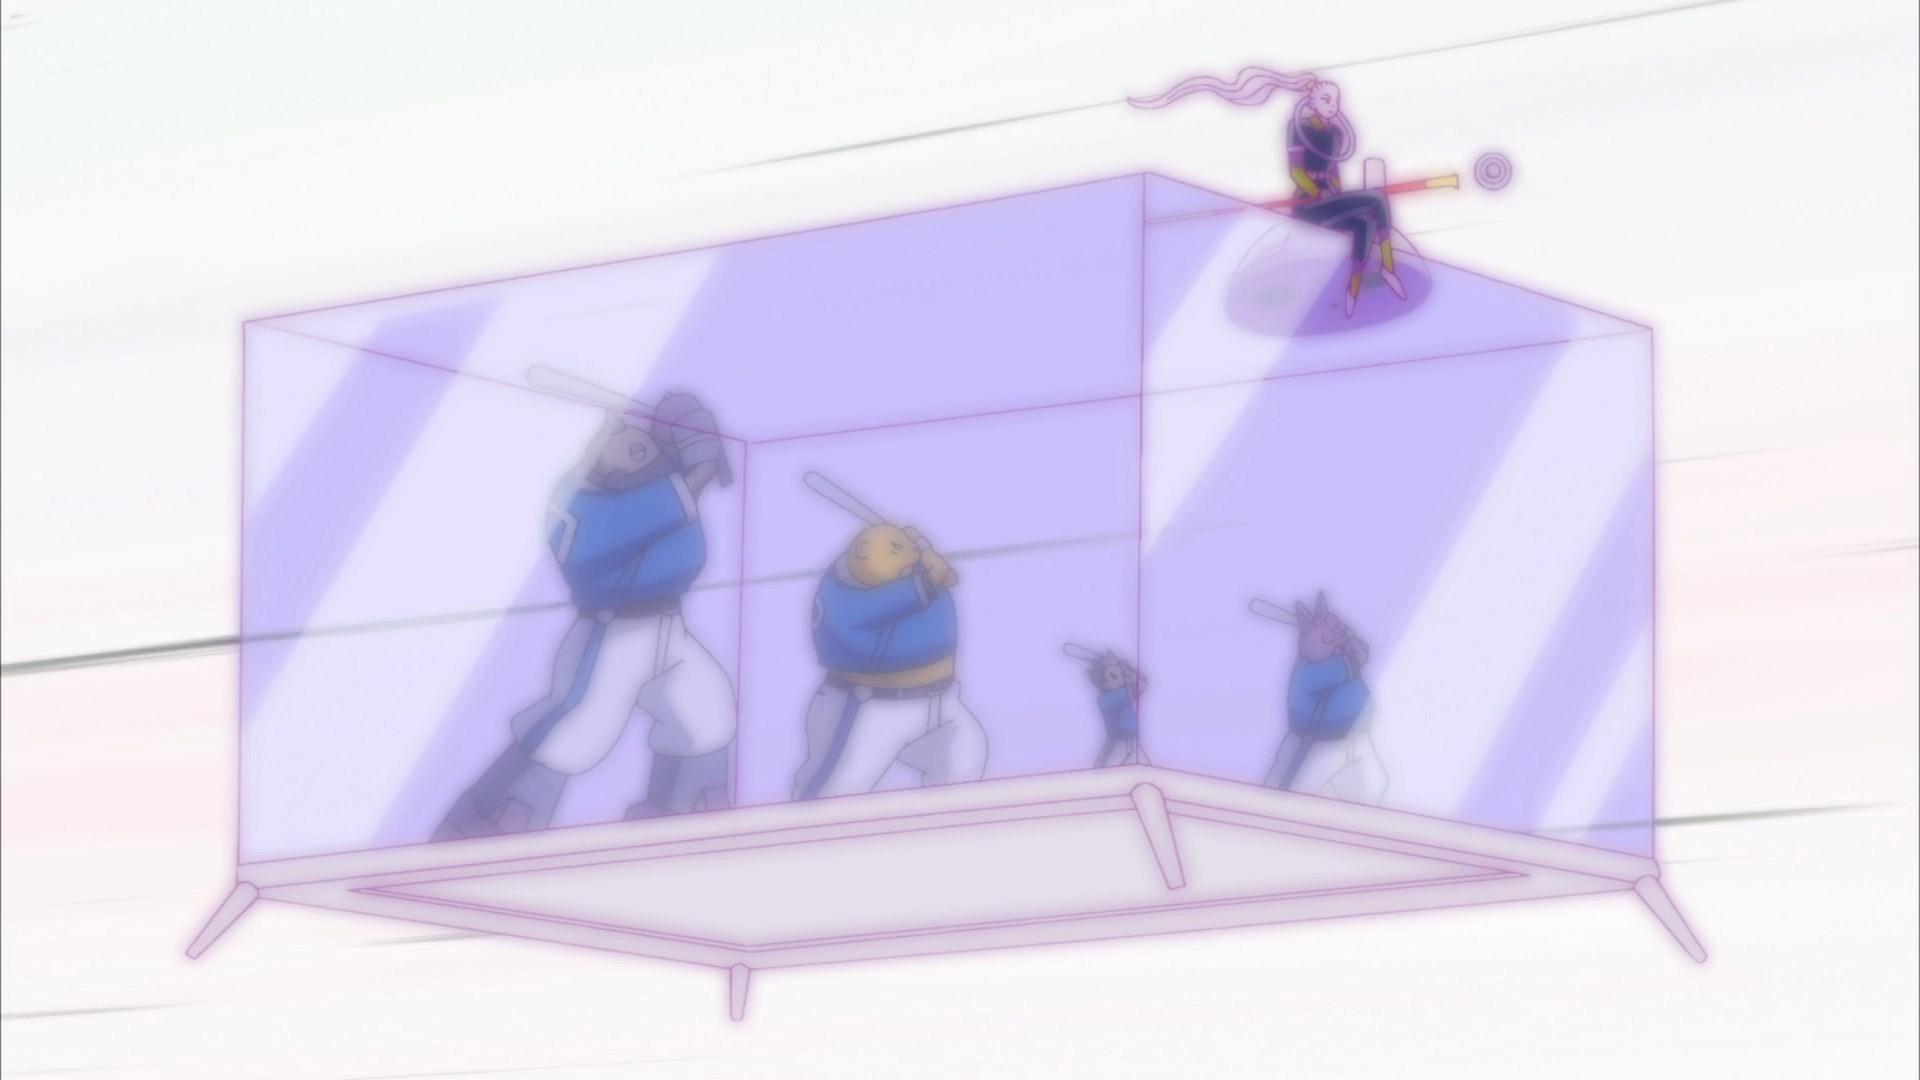 [DS] Dragon Ball Super 070 [1080p].mkv_snapshot_21.36_[2016.12.11_03.59.42]